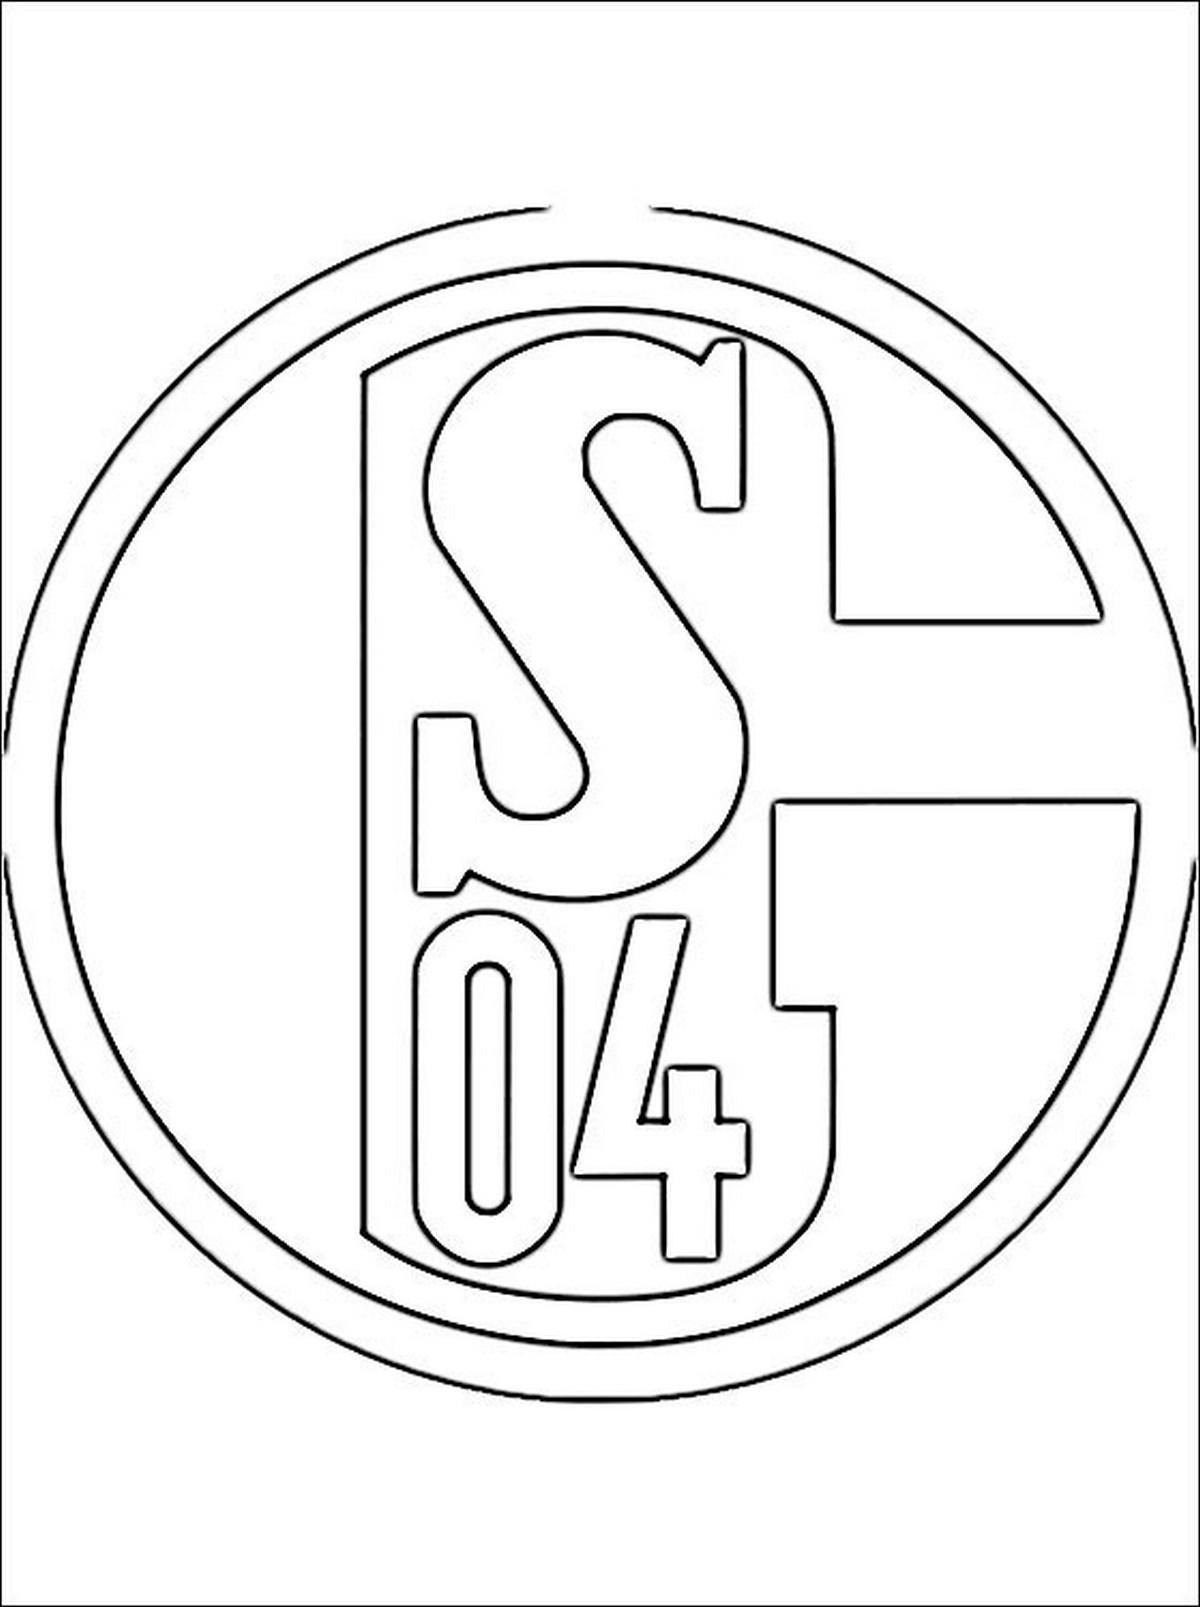 Ausmalbilder Fussball Wappen Bundesliga Einzigartig Bayern Wappen Zum Ausdrucken — Anadolufotografdernegi Stock